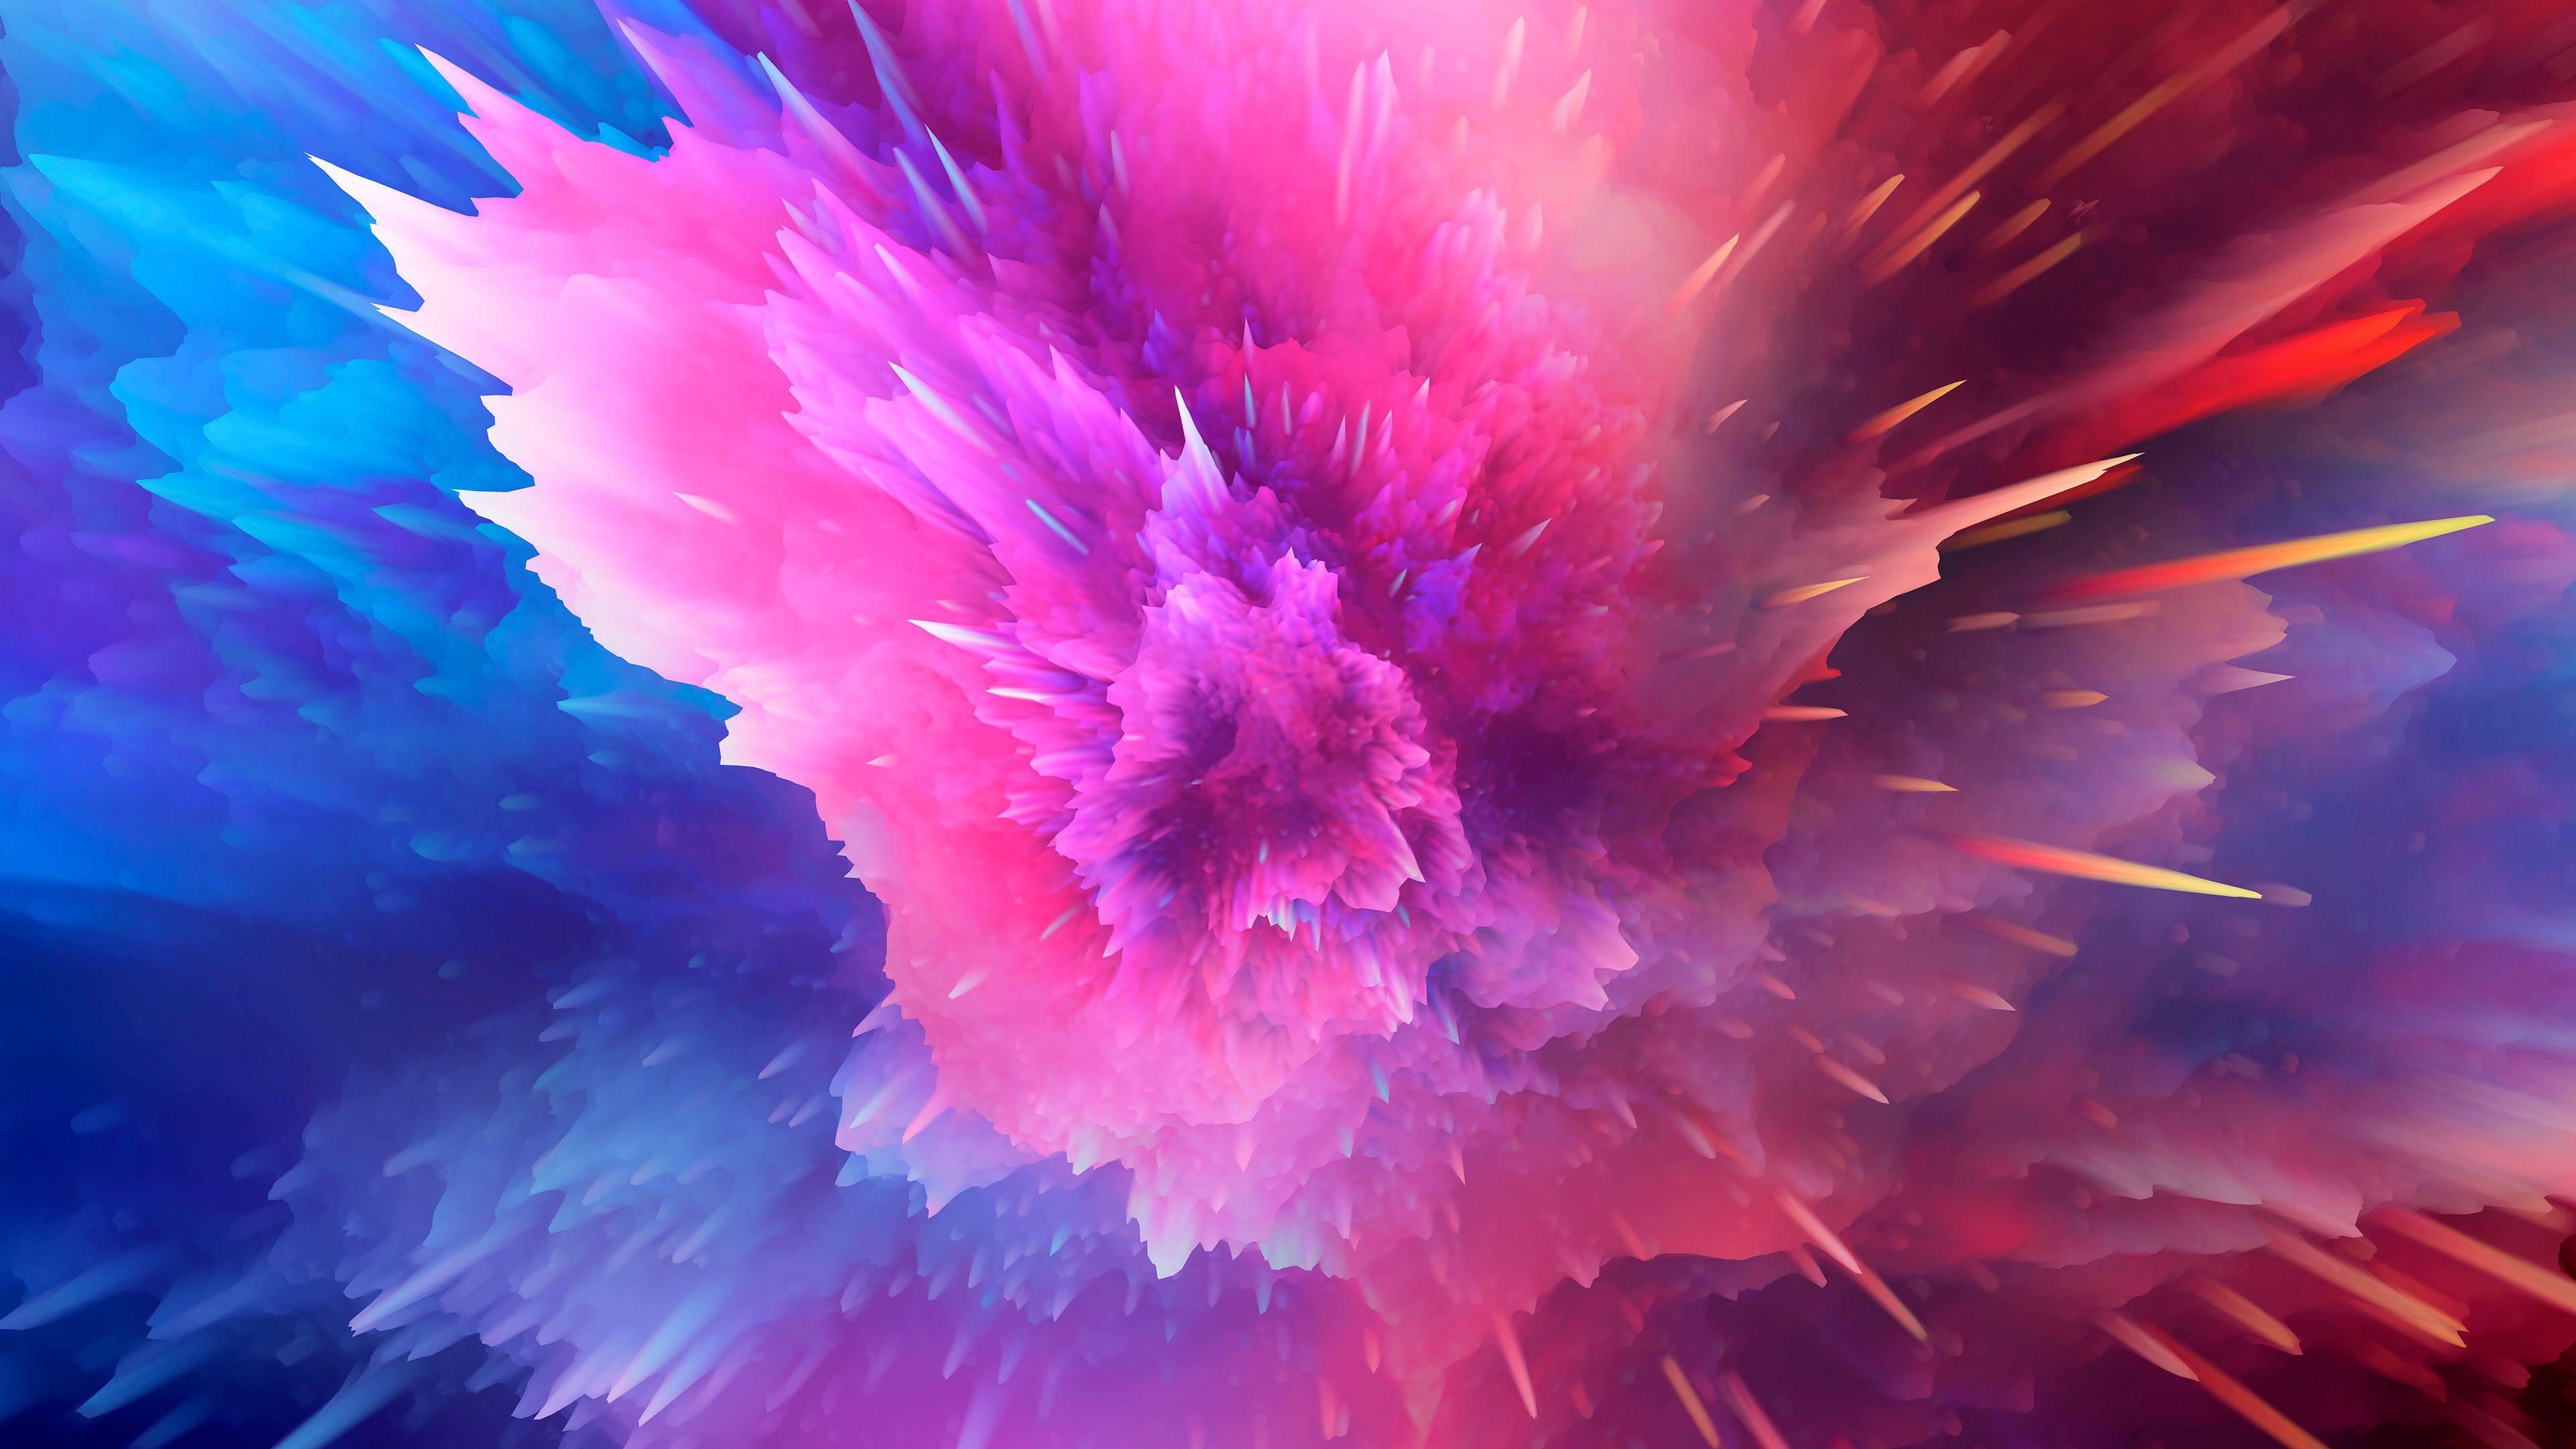 4K Paint Splash Wallpapers   Top 4K Paint Splash Backgrounds 3840x2160